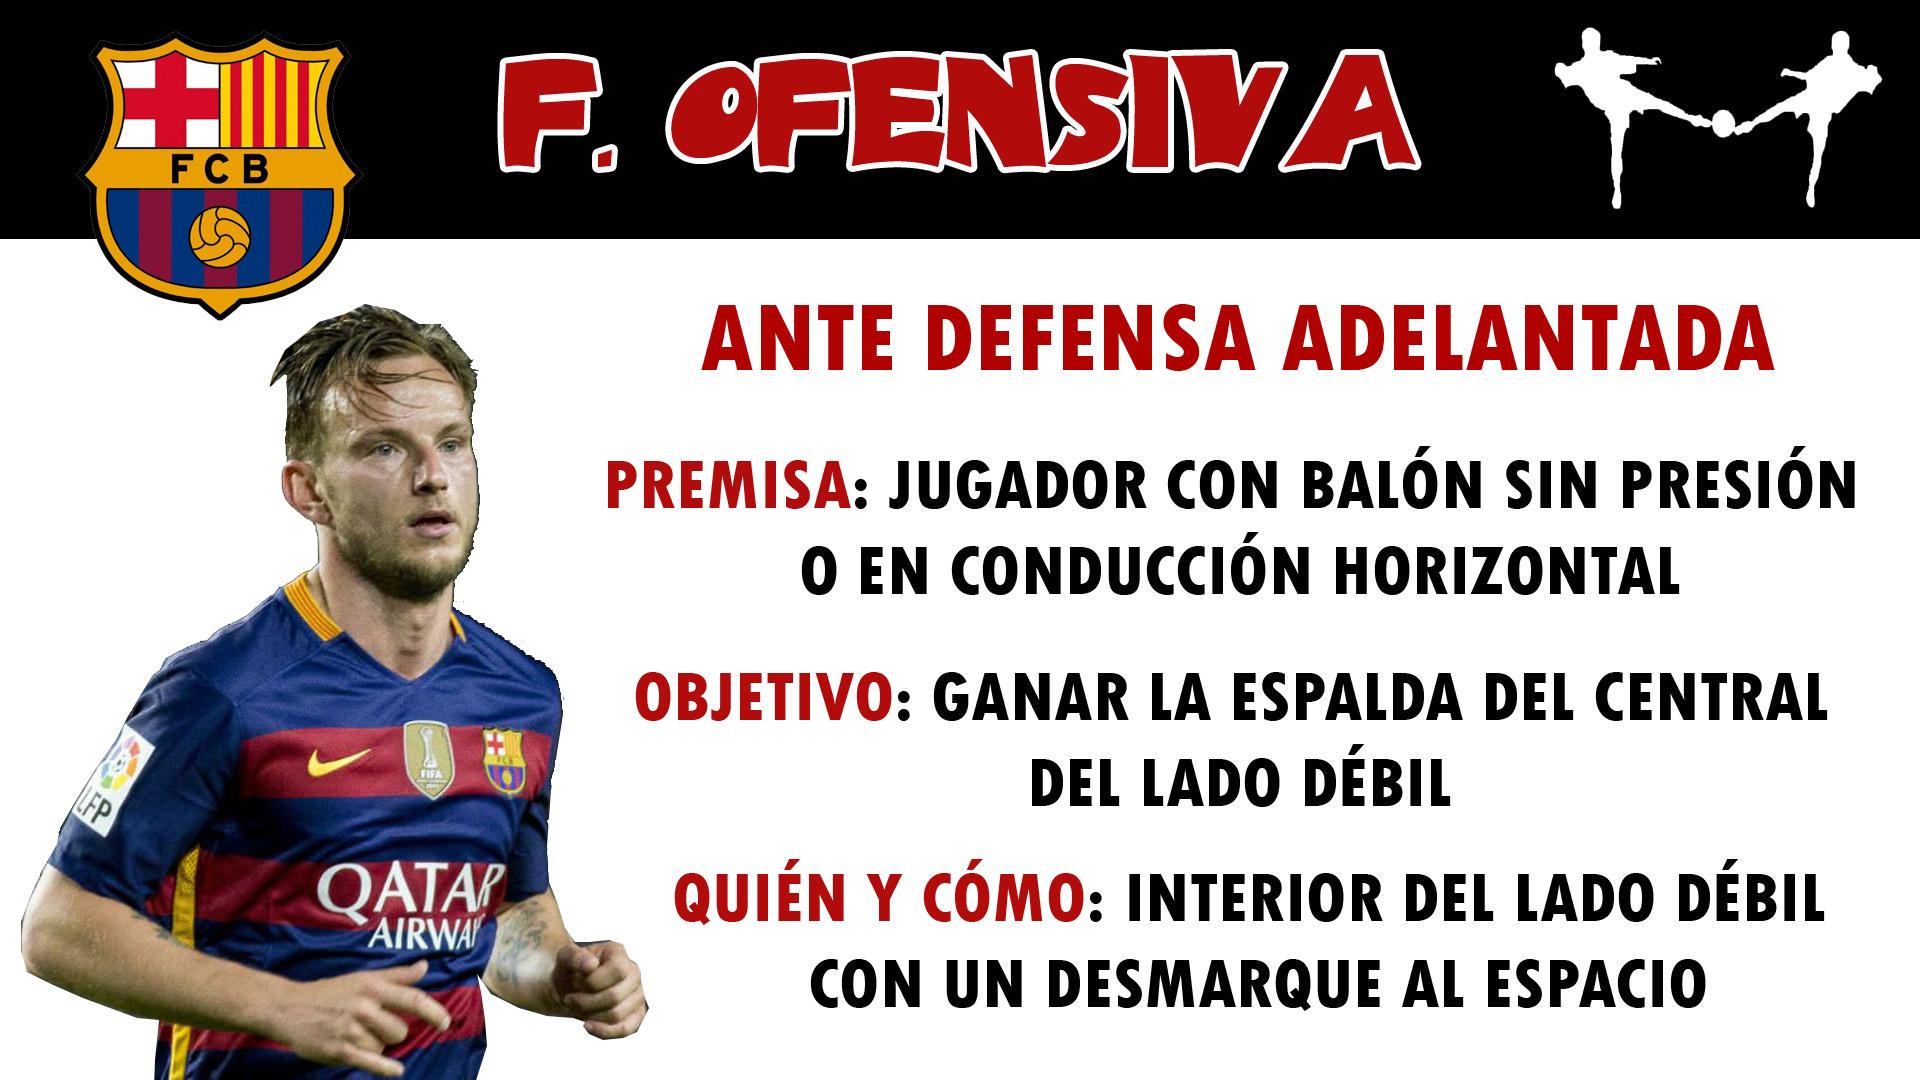 futbolcarrasco luis enrique barcelona analisis táctico interior desmarque profundidad